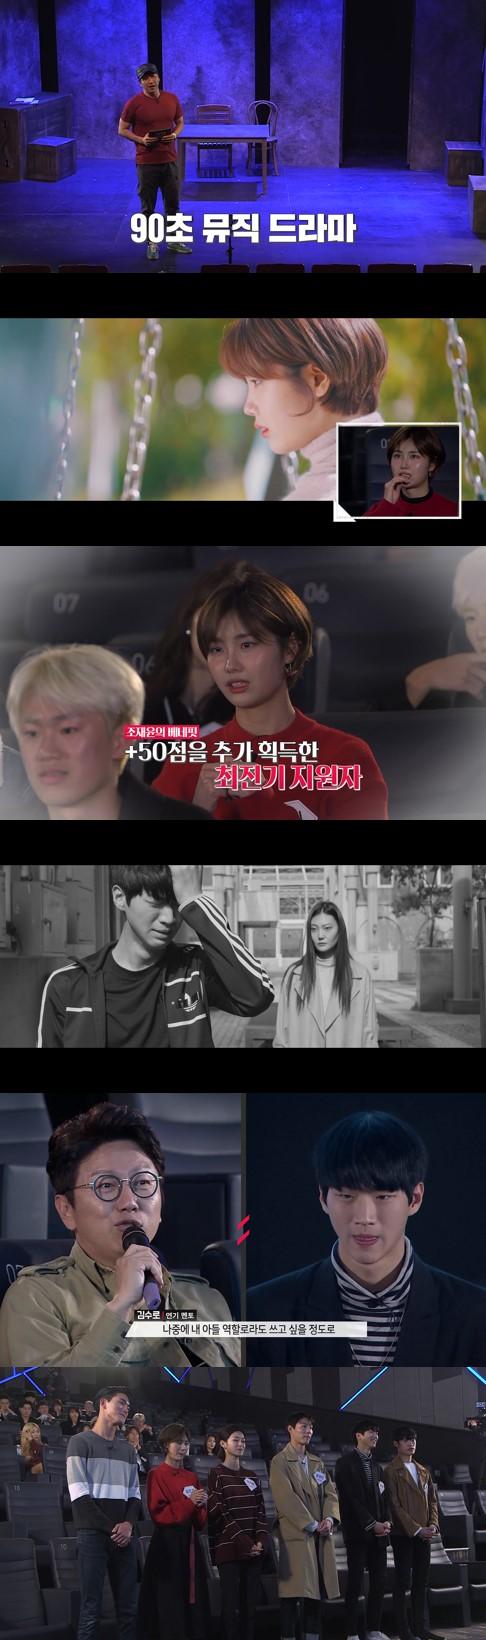 '슈퍼모델', 90초 뮤직드라마..연기도 되는 예비 모델테이너